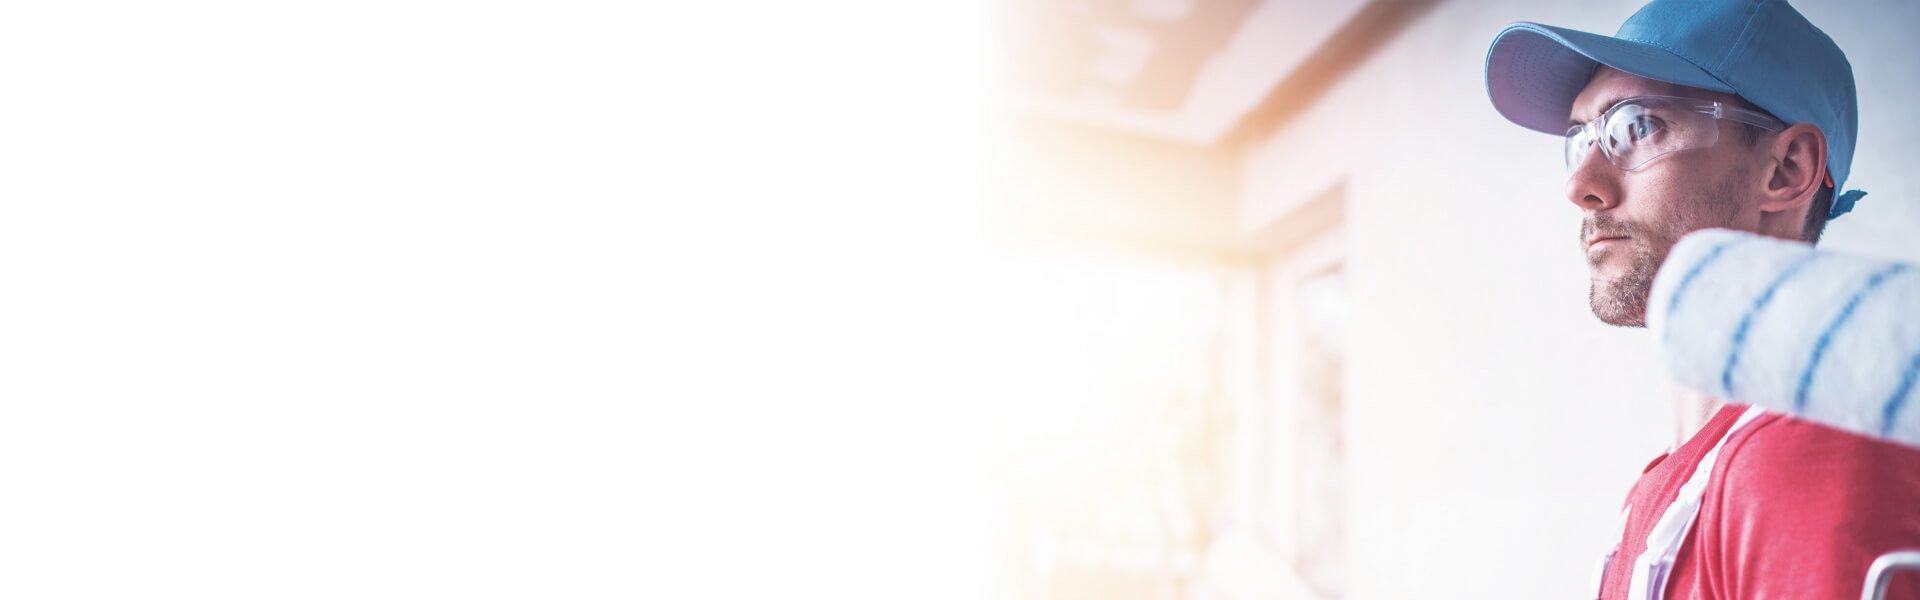 Foto de un hombre con gafas de protección sujetando un rodillo de pintura